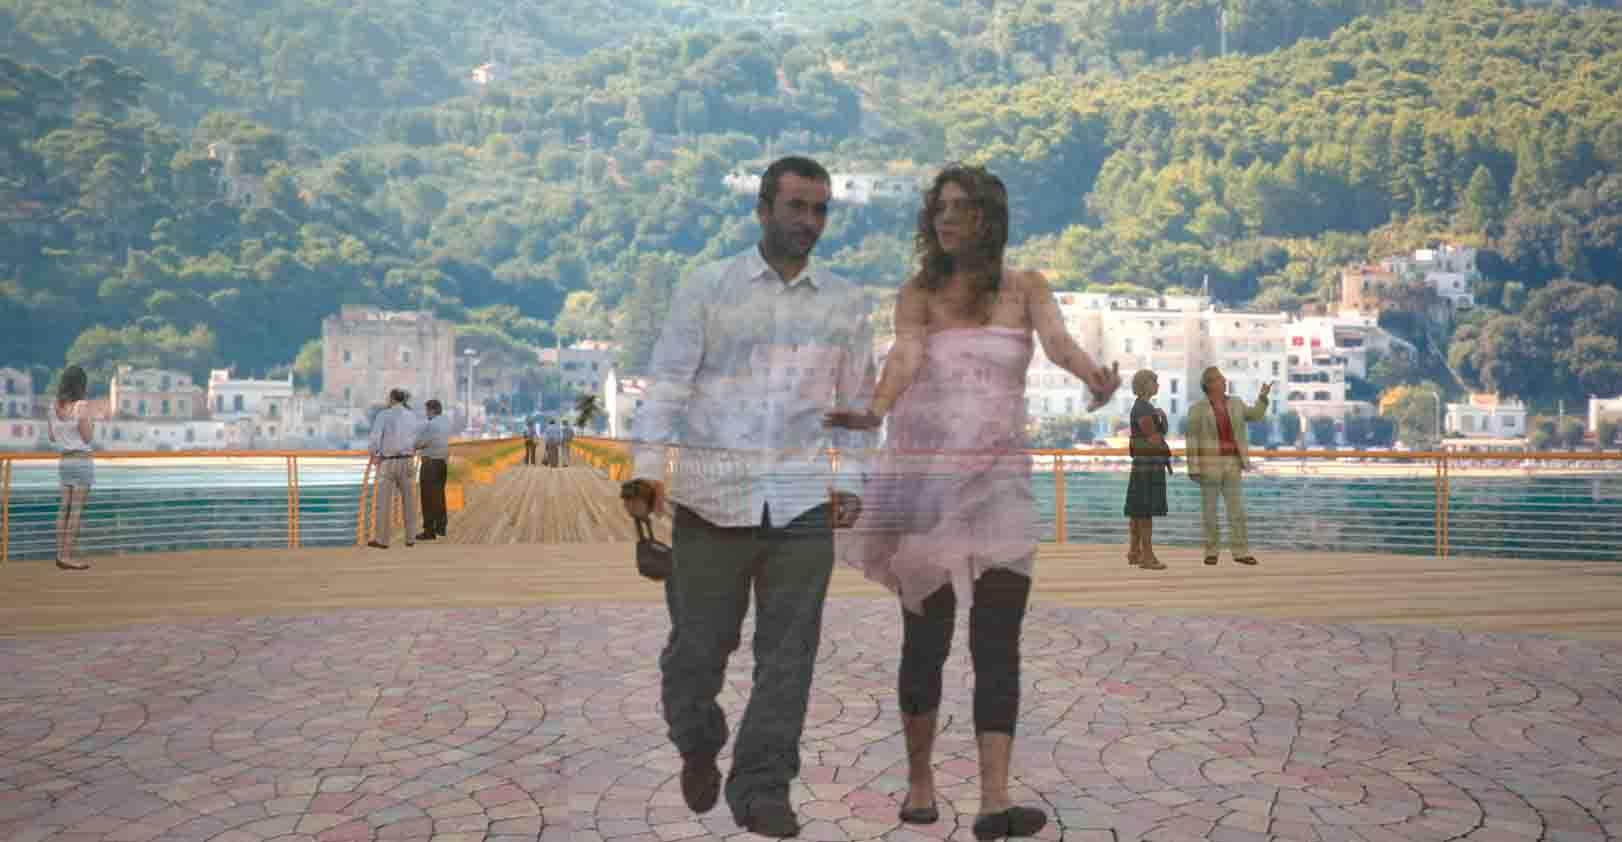 Palestra Vico Del Gargano progettazione pontile a mare – san menaio, vico del gargano